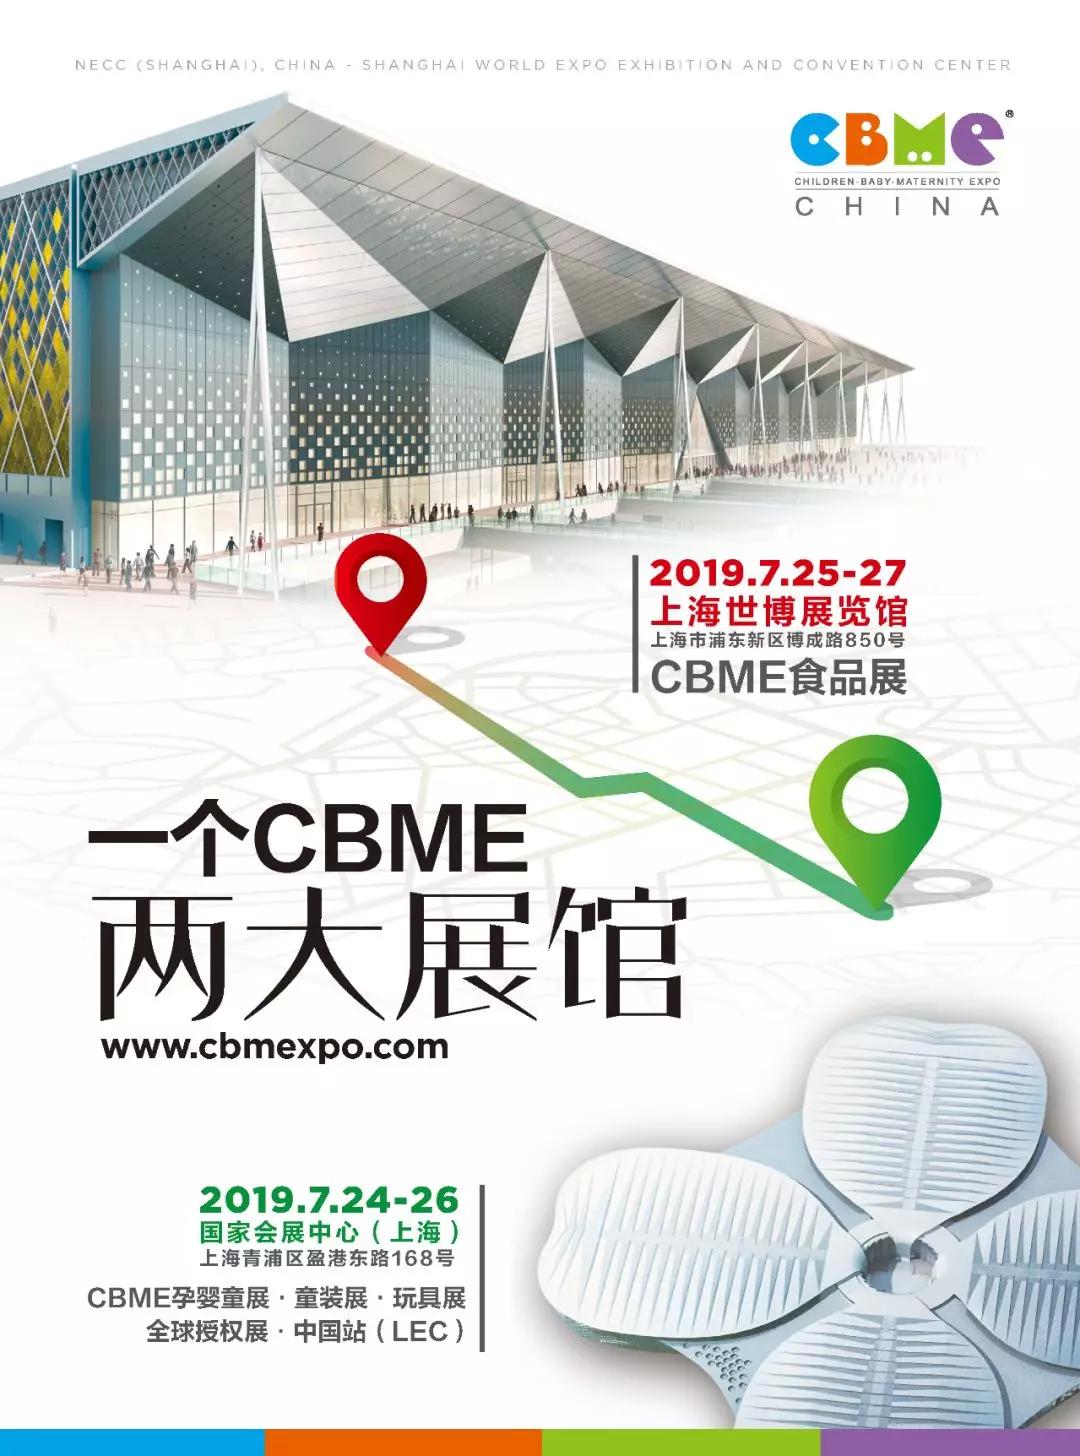 重磅:一个CBME,两大展馆!